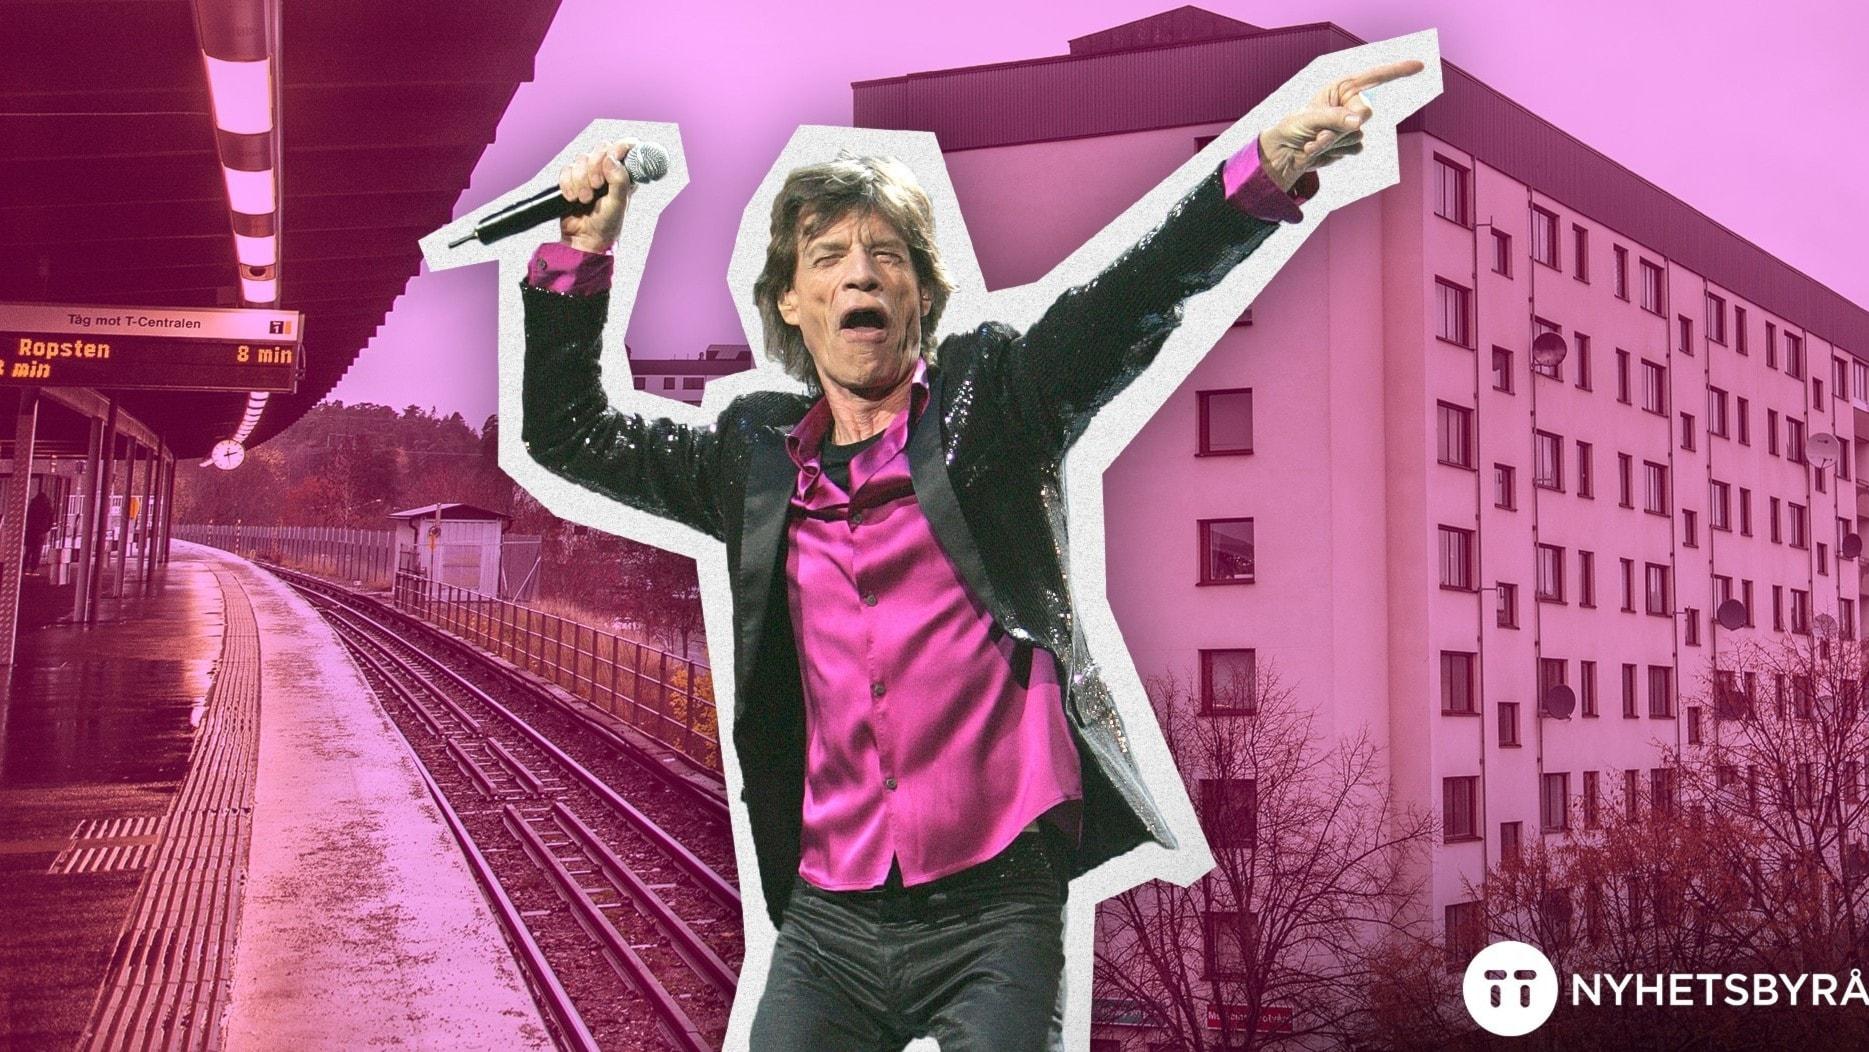 Vad gjorde Mick Jagger i Bredäng?